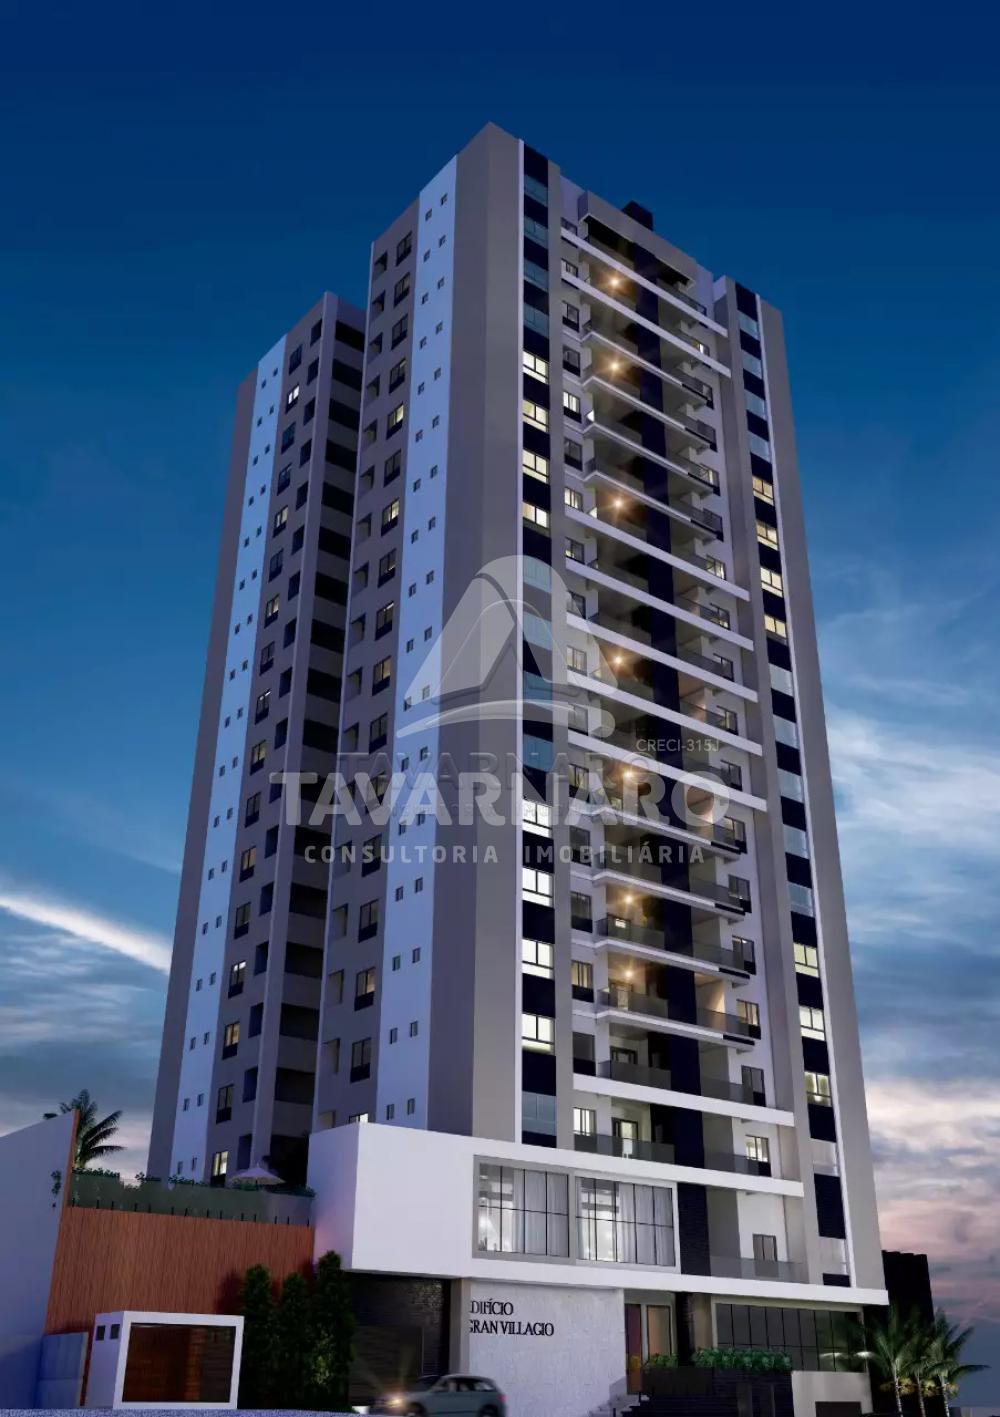 Comprar Apartamento / Padrão em Ponta Grossa R$ 665.500,00 - Foto 1